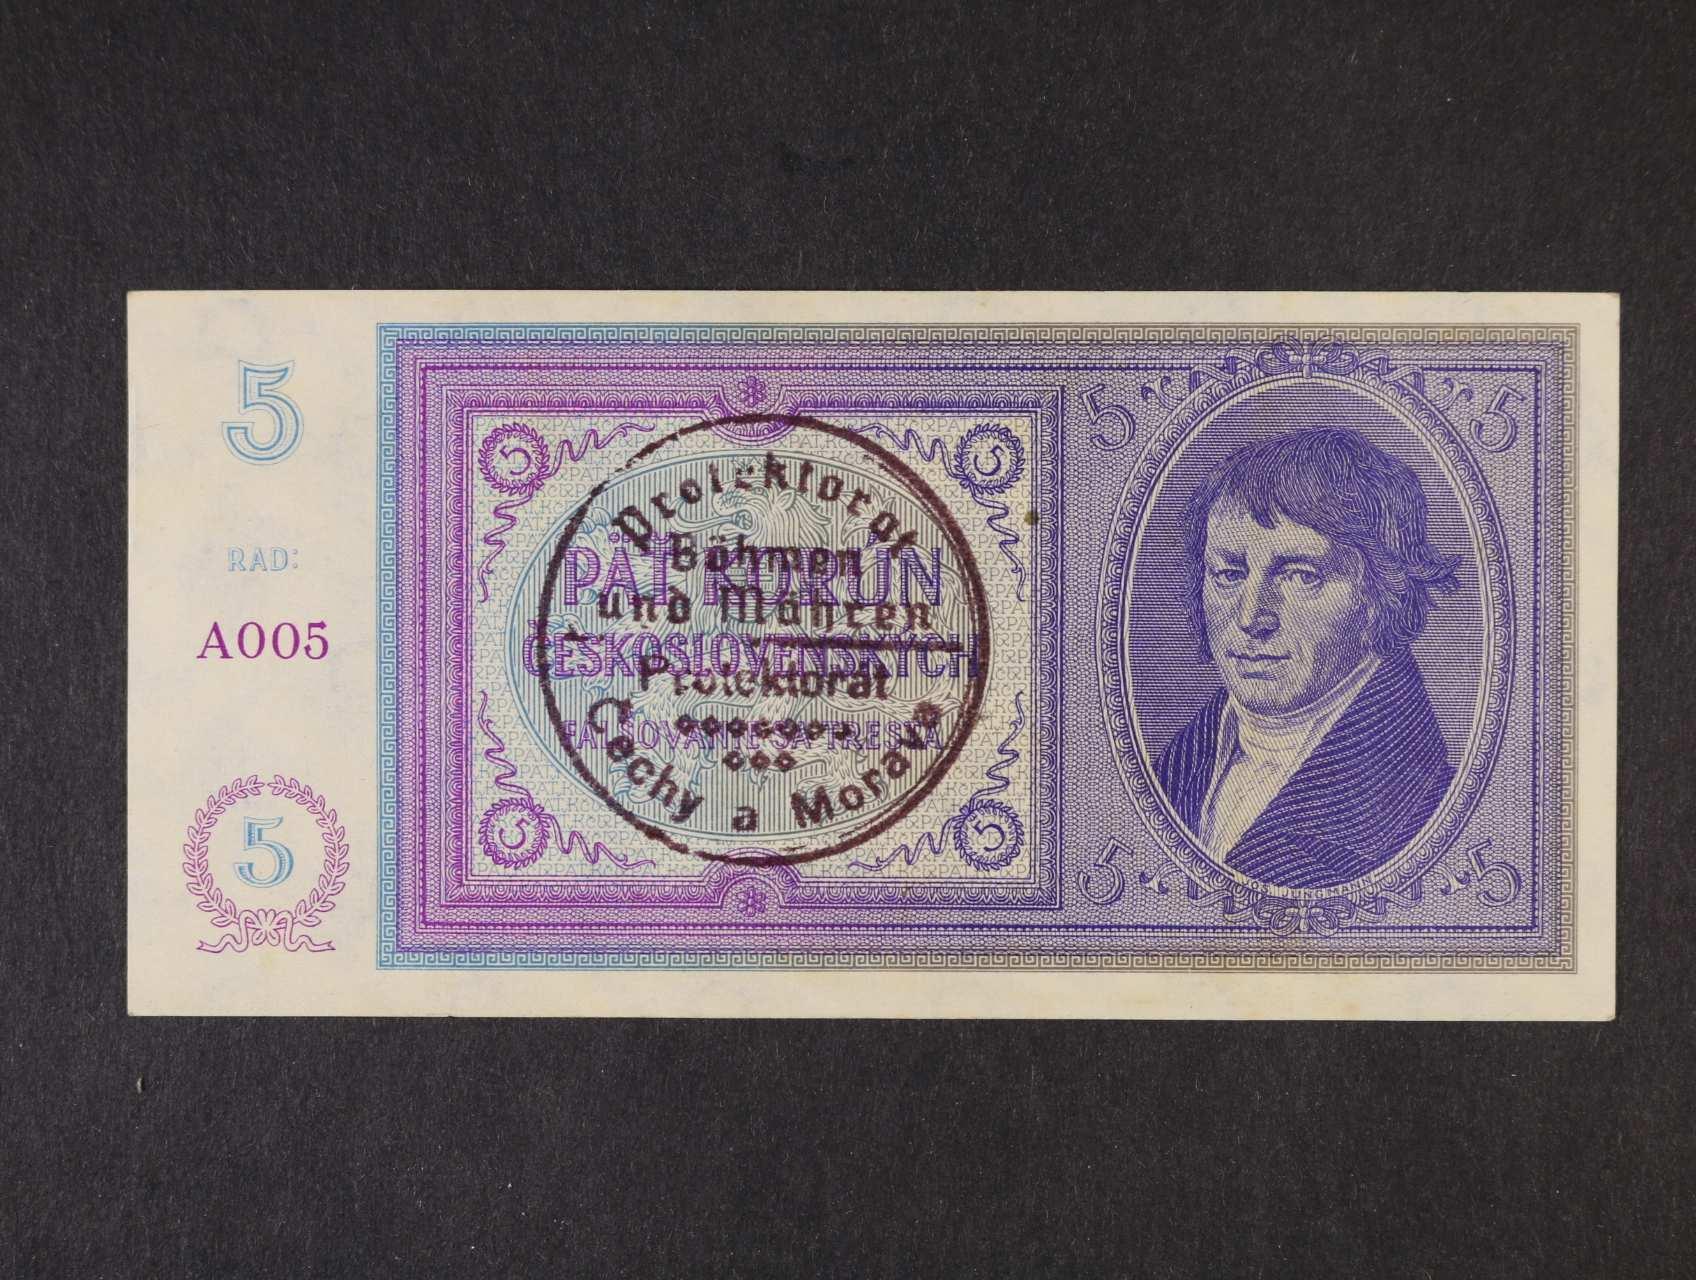 5 Kč 1938/40 s ručním raz. série A 005, Ba. 29a, Pi. 2a